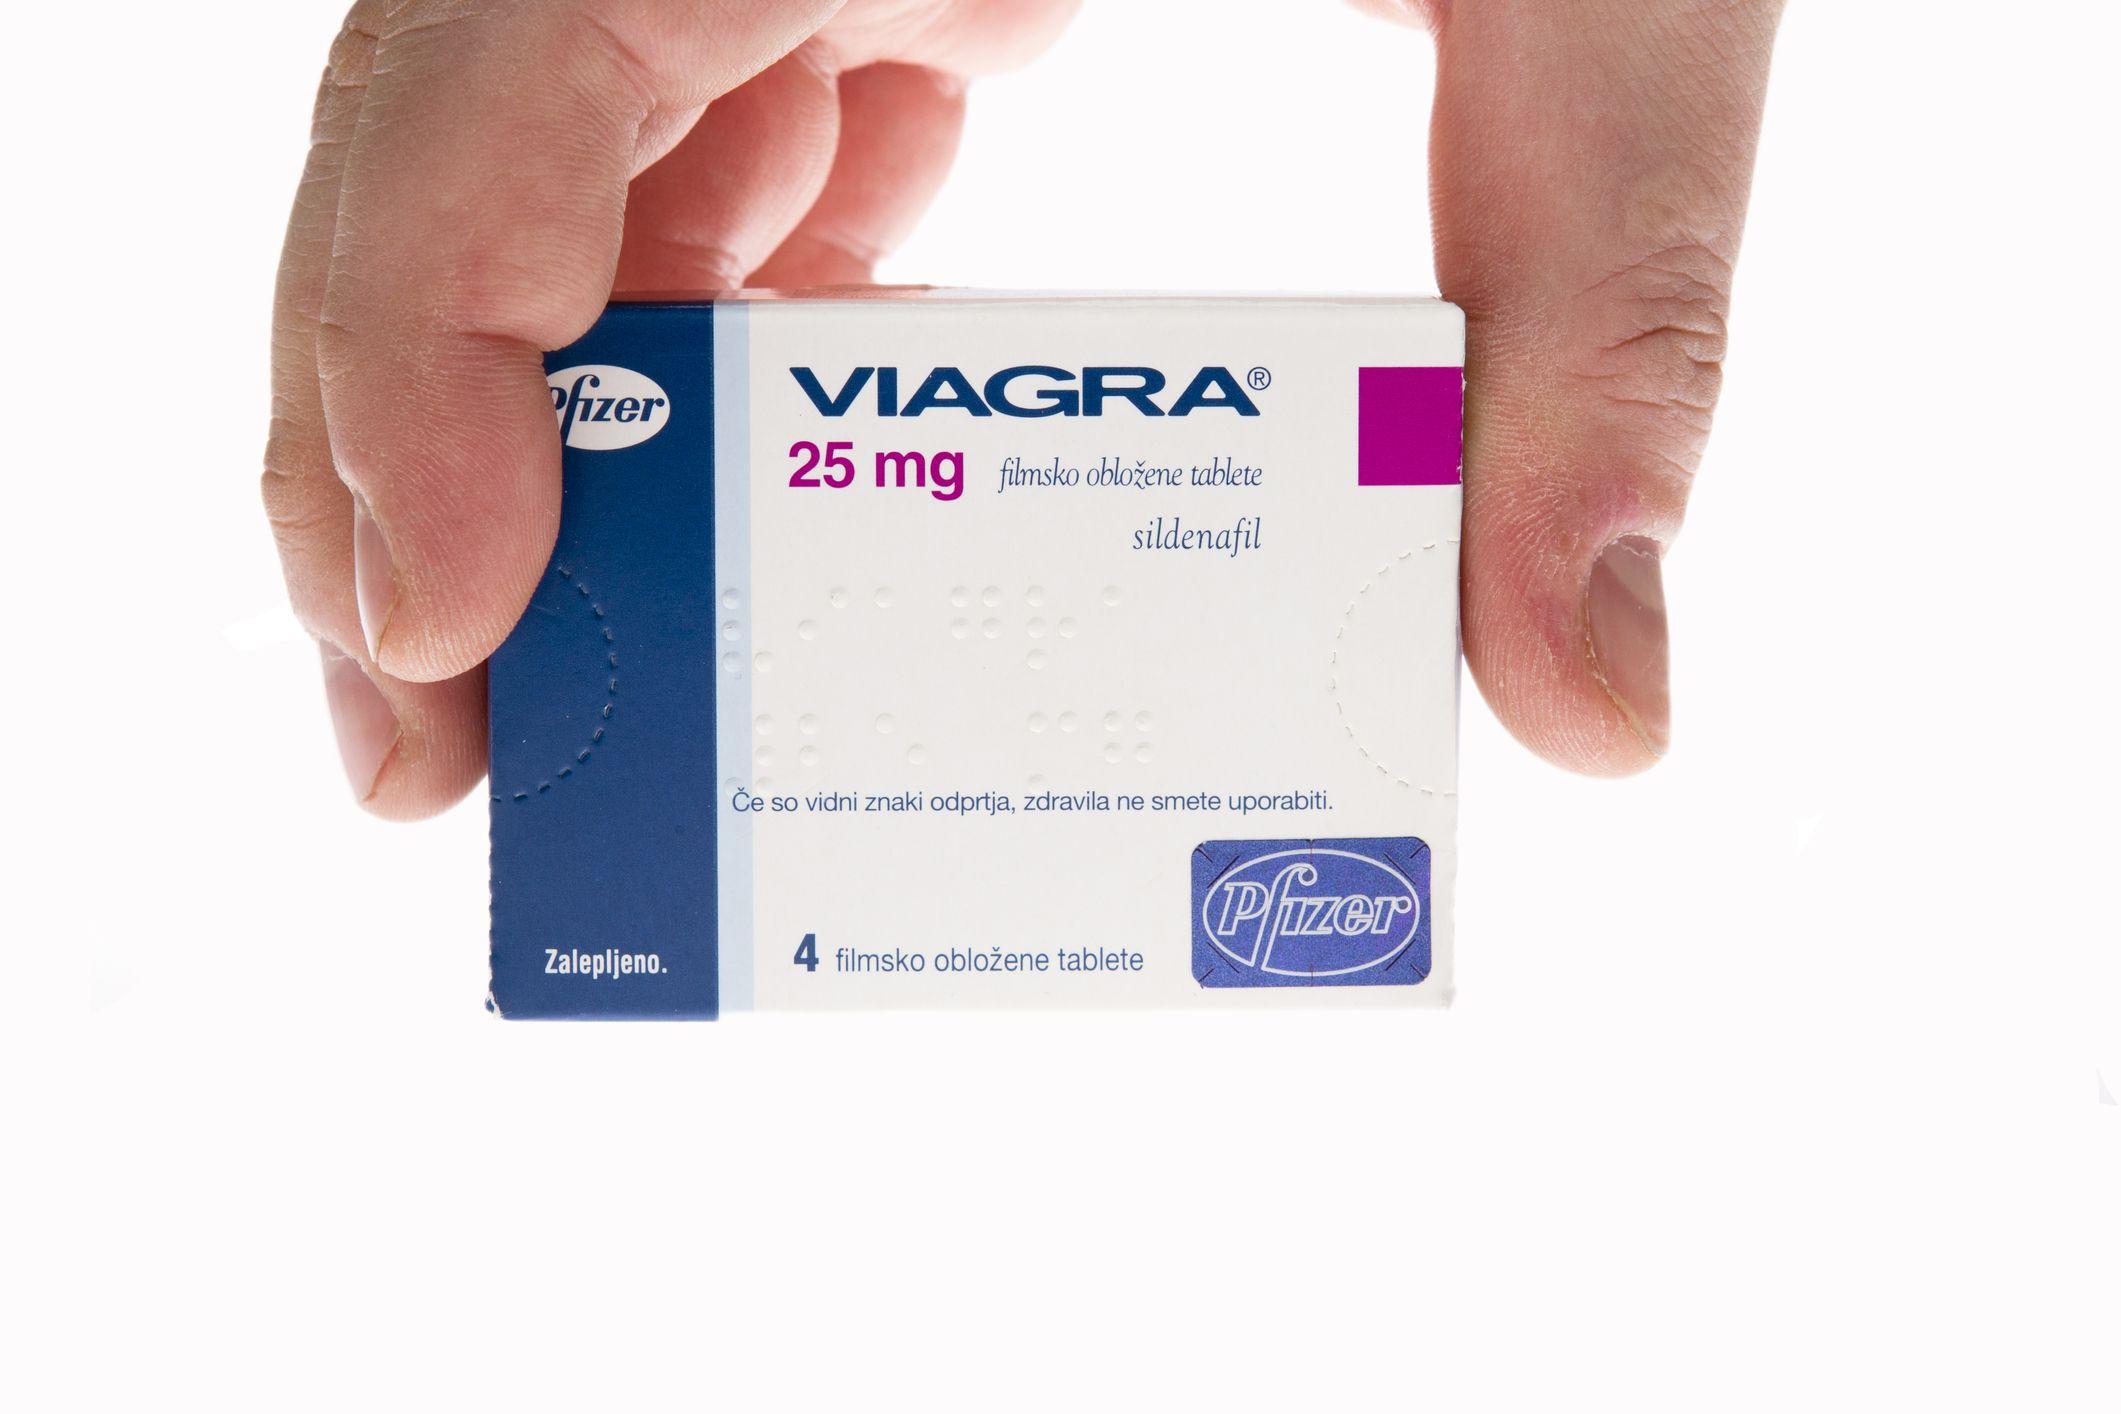 Viagra magas vérnyomás kompatibilitás, A Viagra hasznos mellékhatása